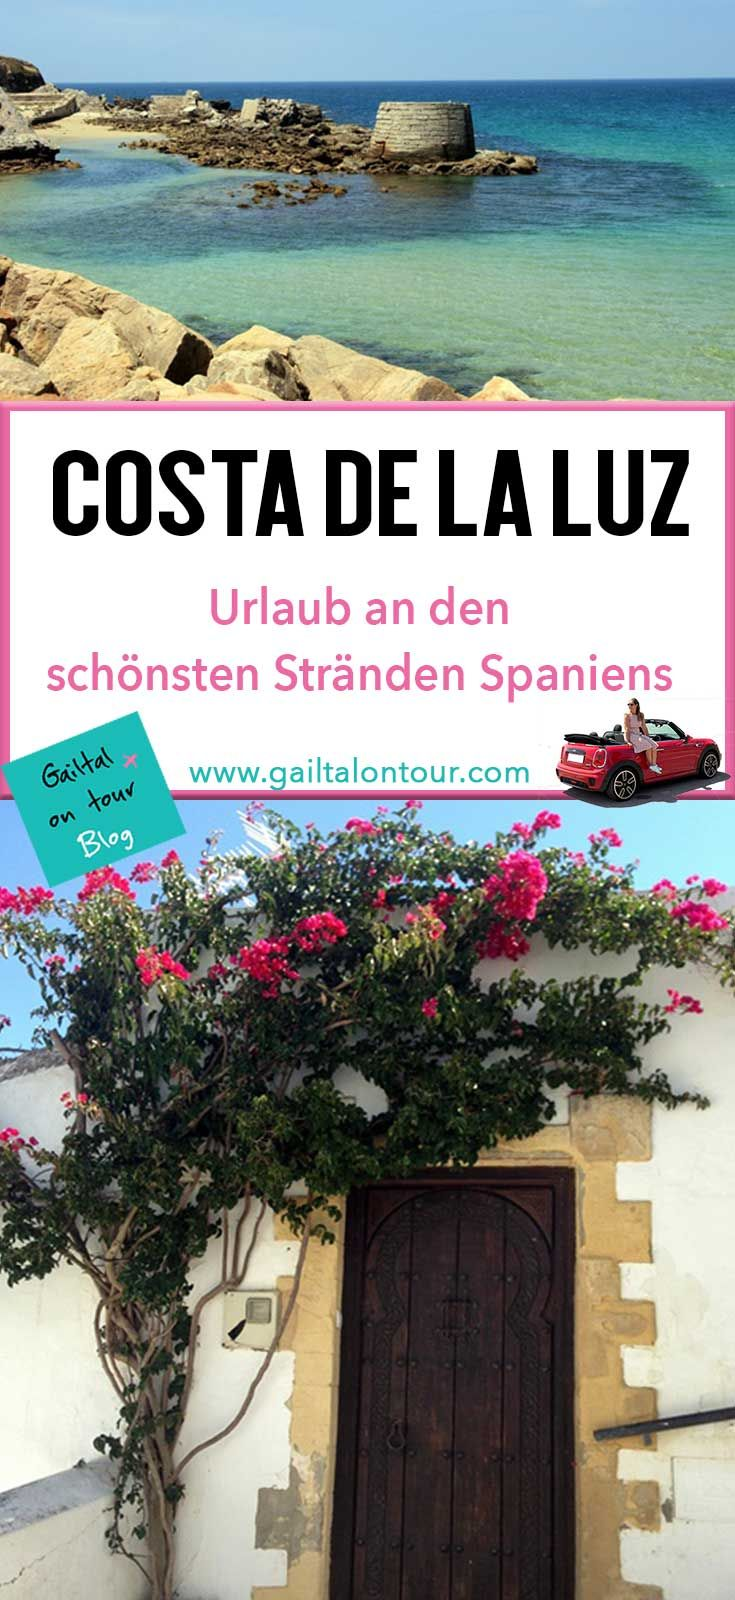 #Urlaub an der Costa de la #Luz. Unterwegs mit dem #Mietwagen an den schönsten Stränden Spaniens und den weißen Dörfern von #Andalusien